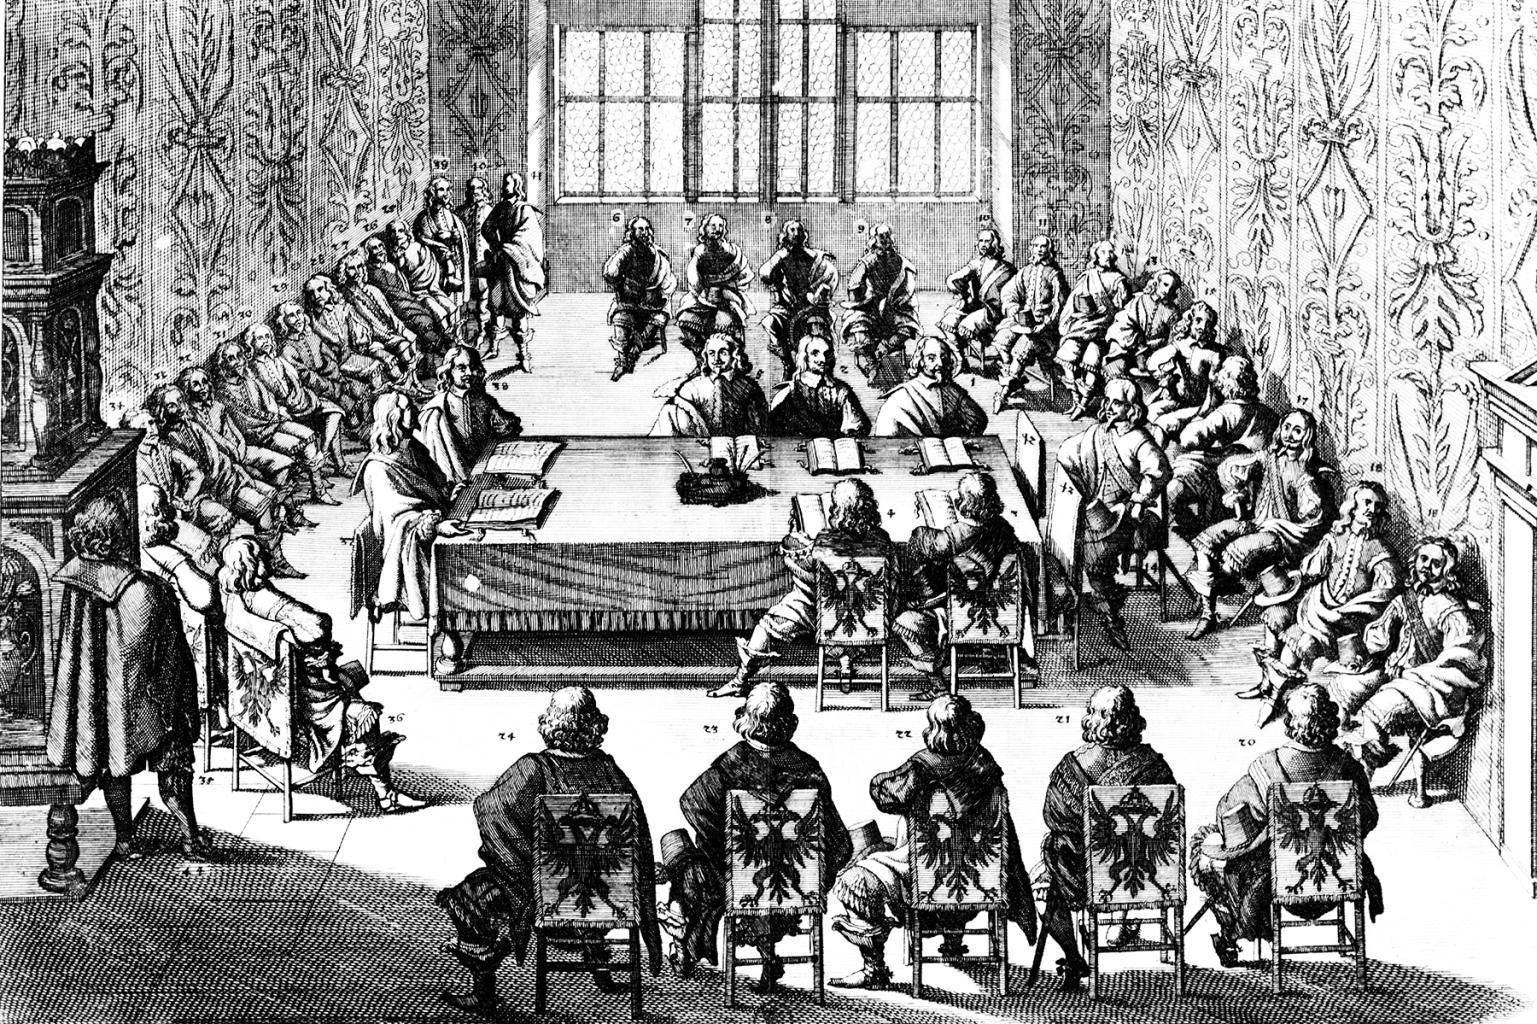 Meet the Middle East's Peace of Westphalia Re-enactors